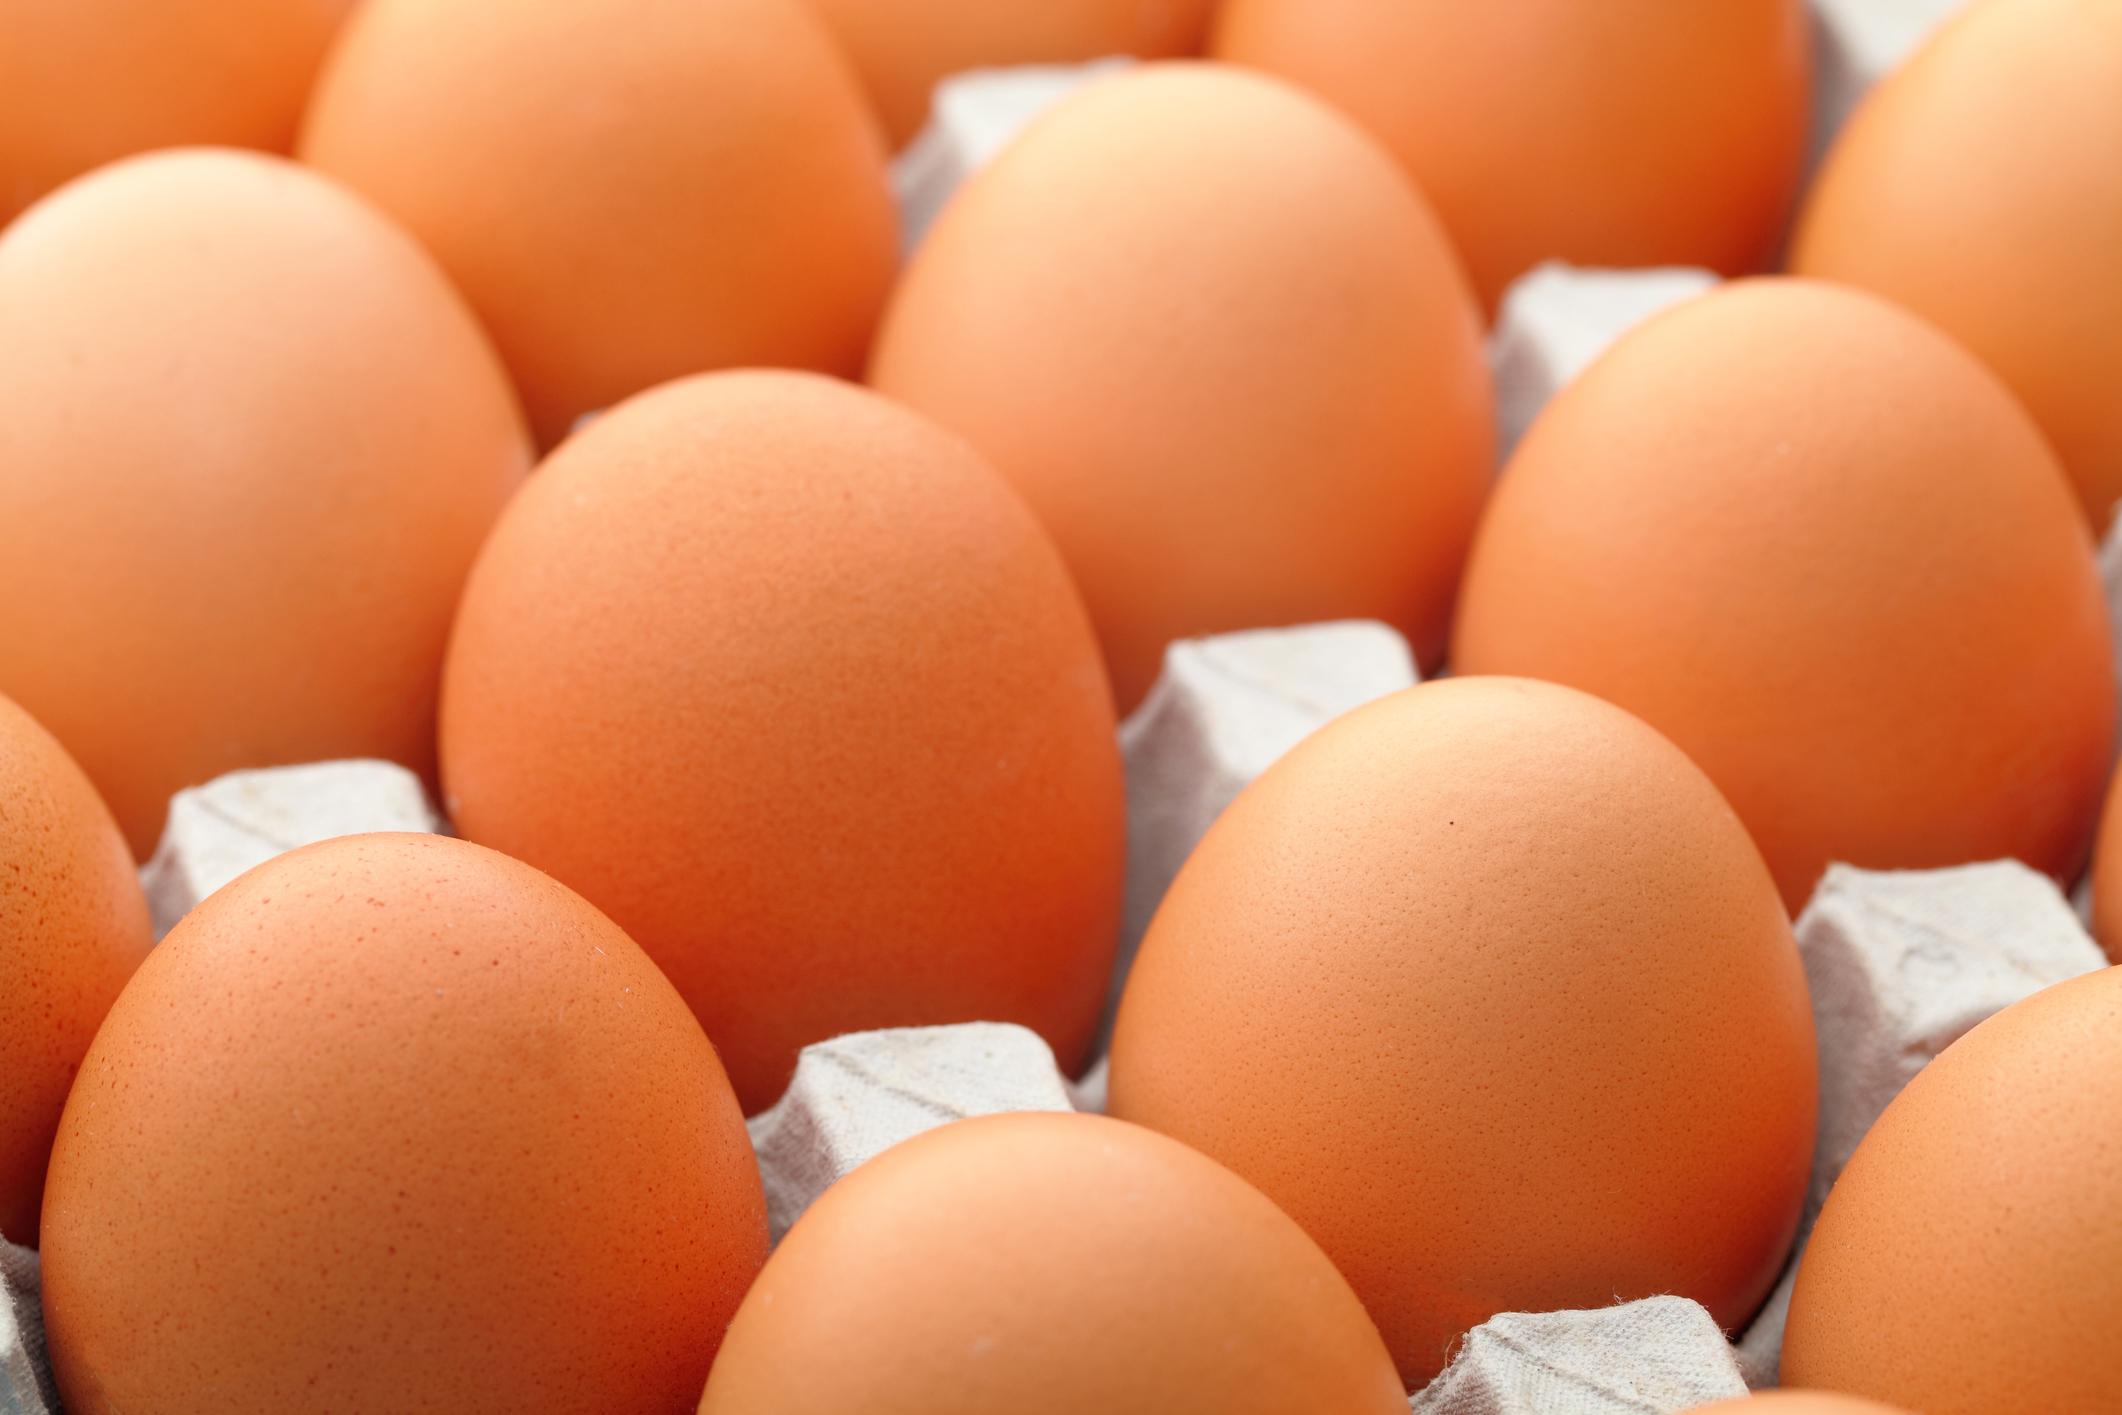 Csirke tojás erekcióhoz